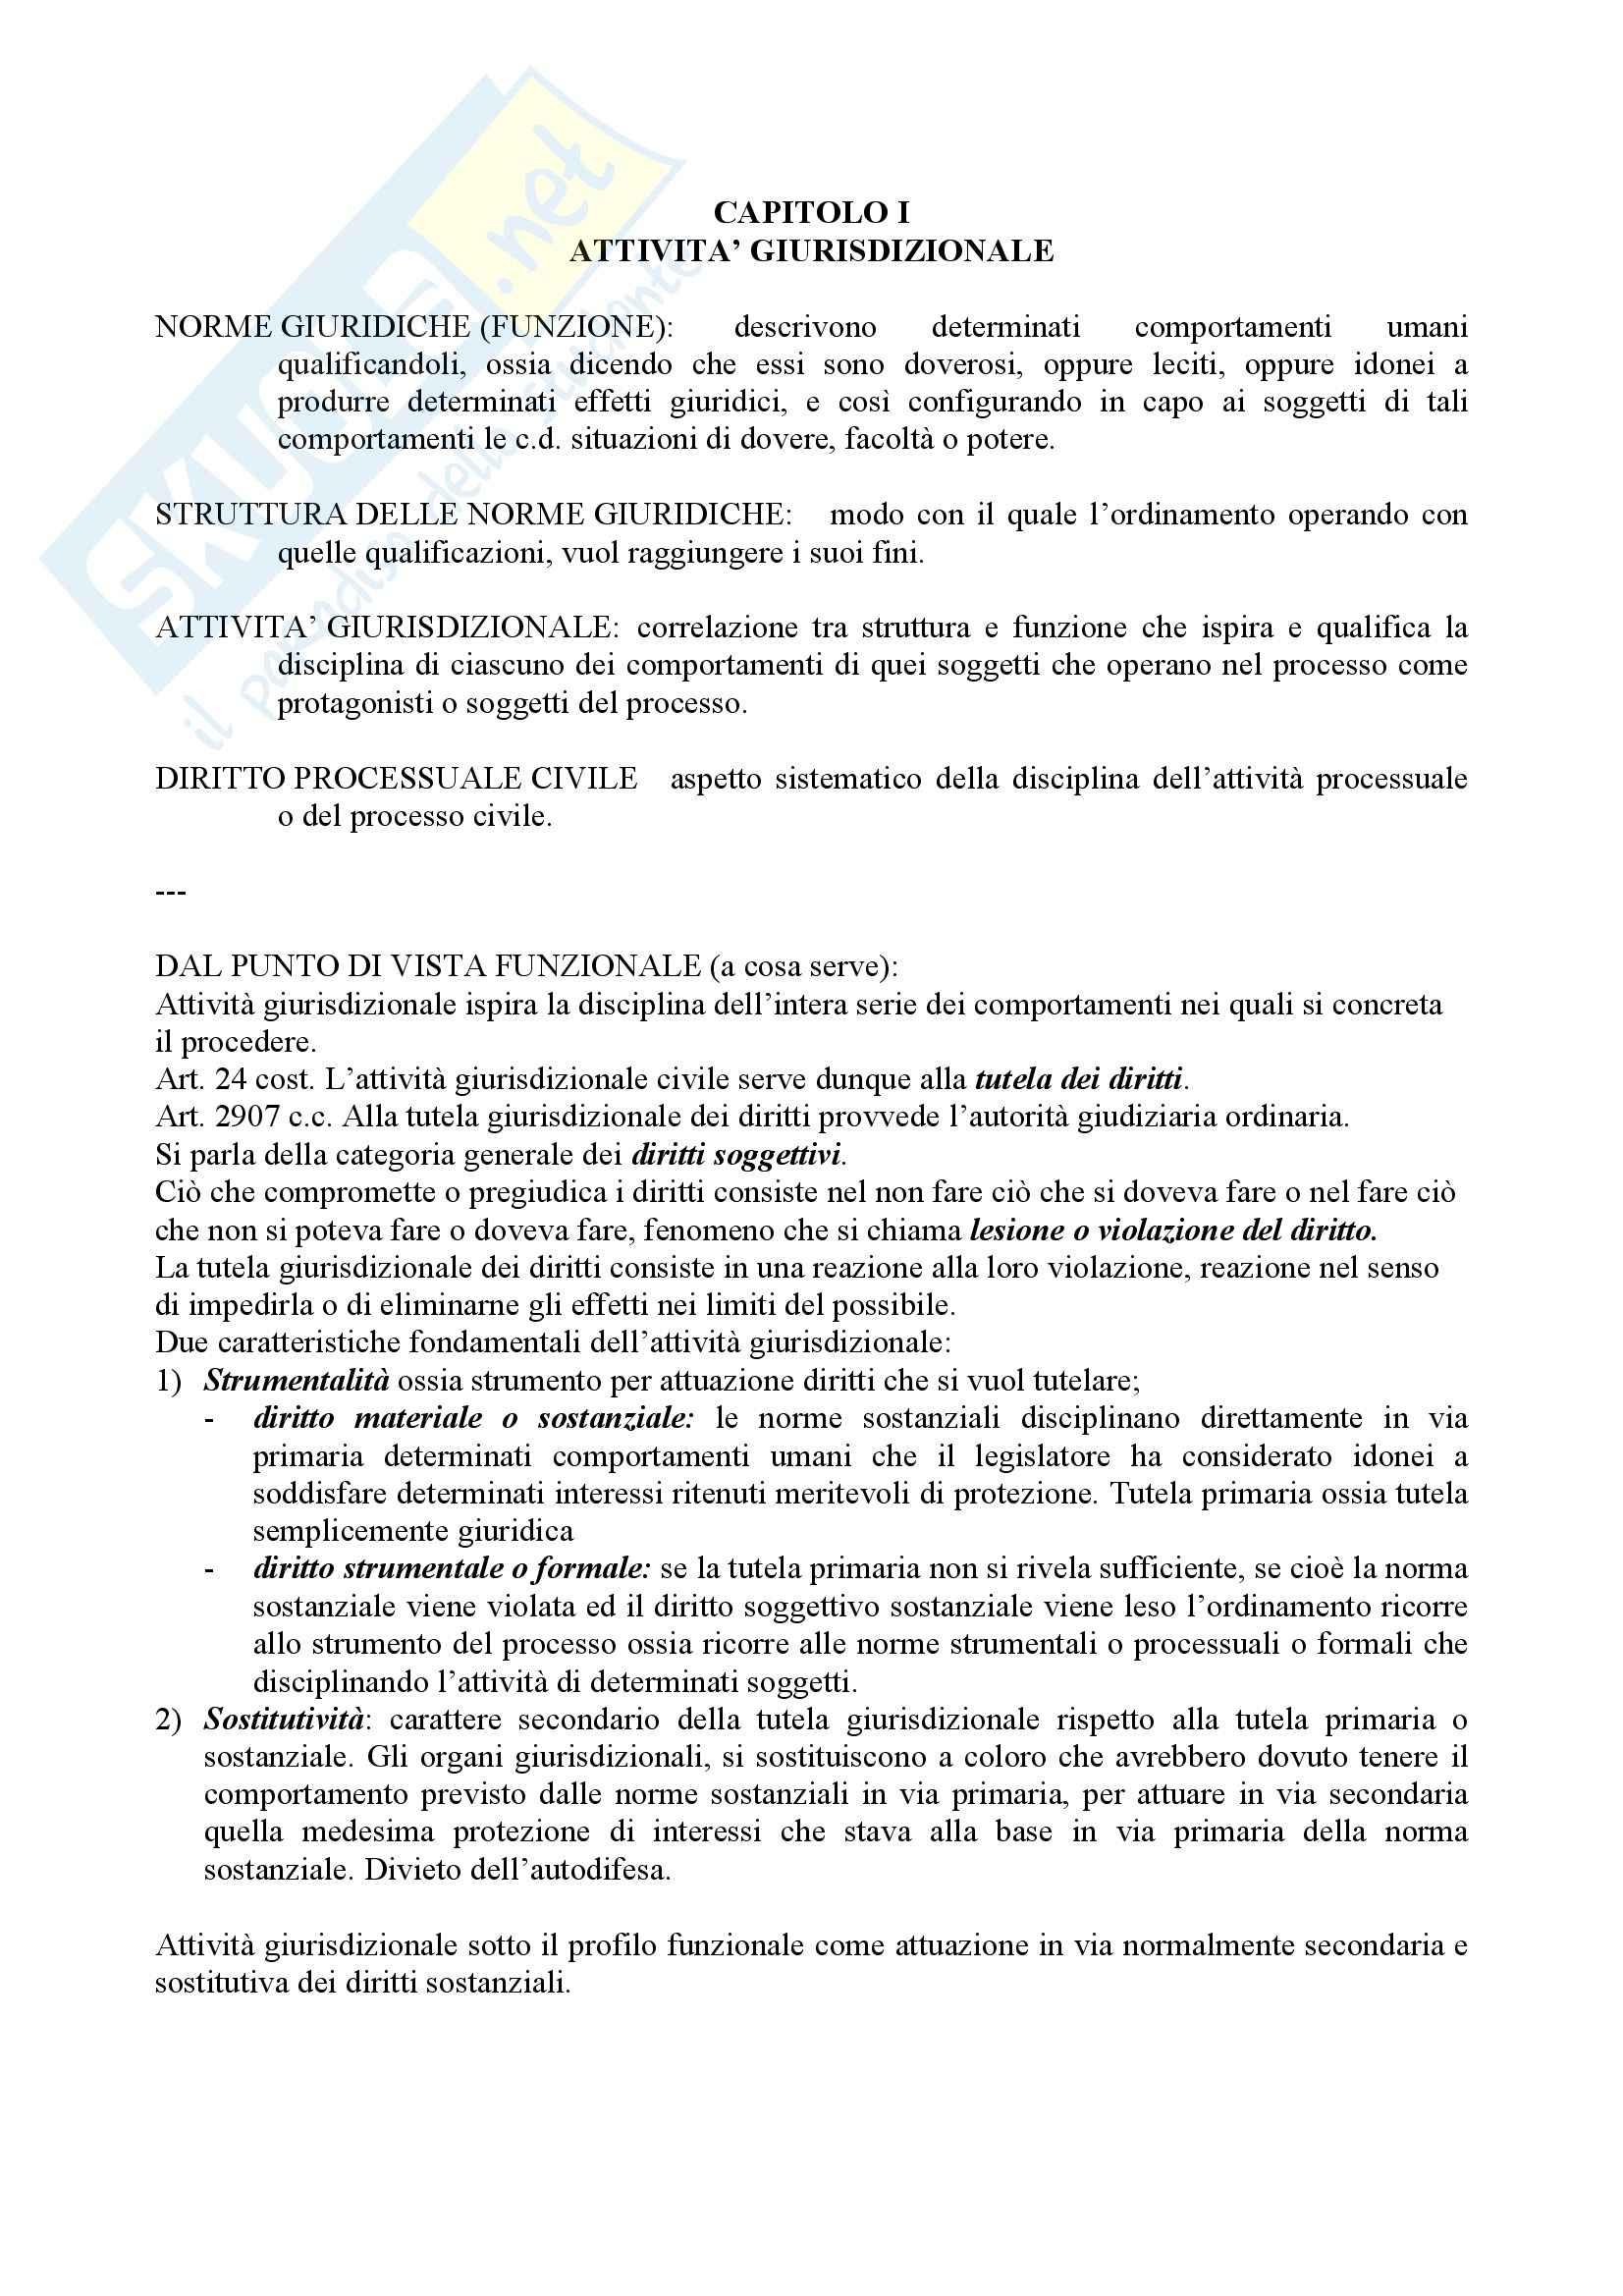 Procedura civile e amministrativa - nozioni generali